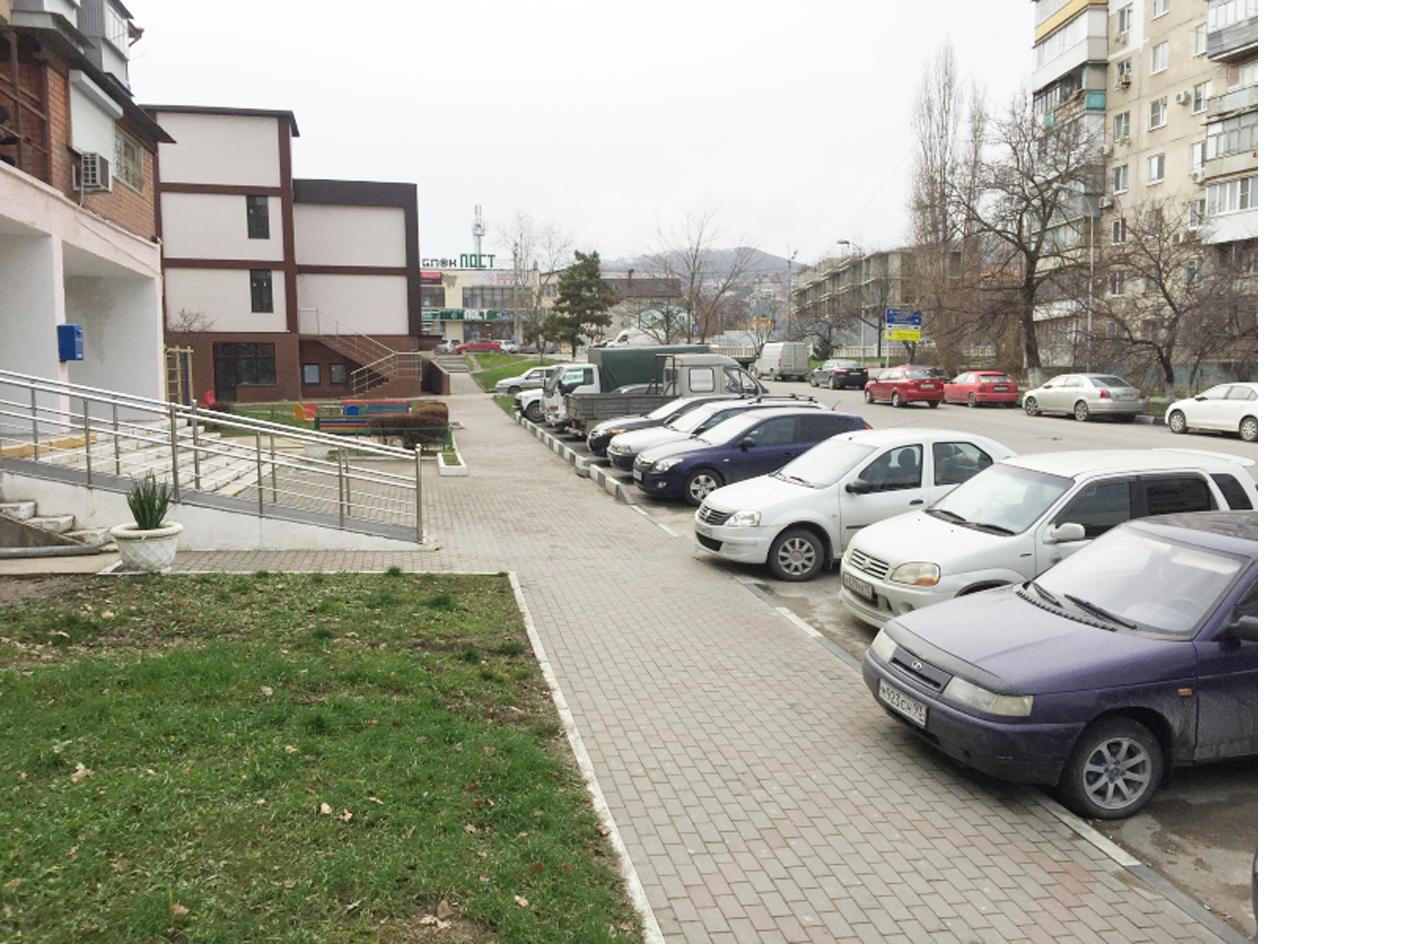 Активисты ОНФ выявили в малых городах Кубани проблемы с организацией парковочных мест